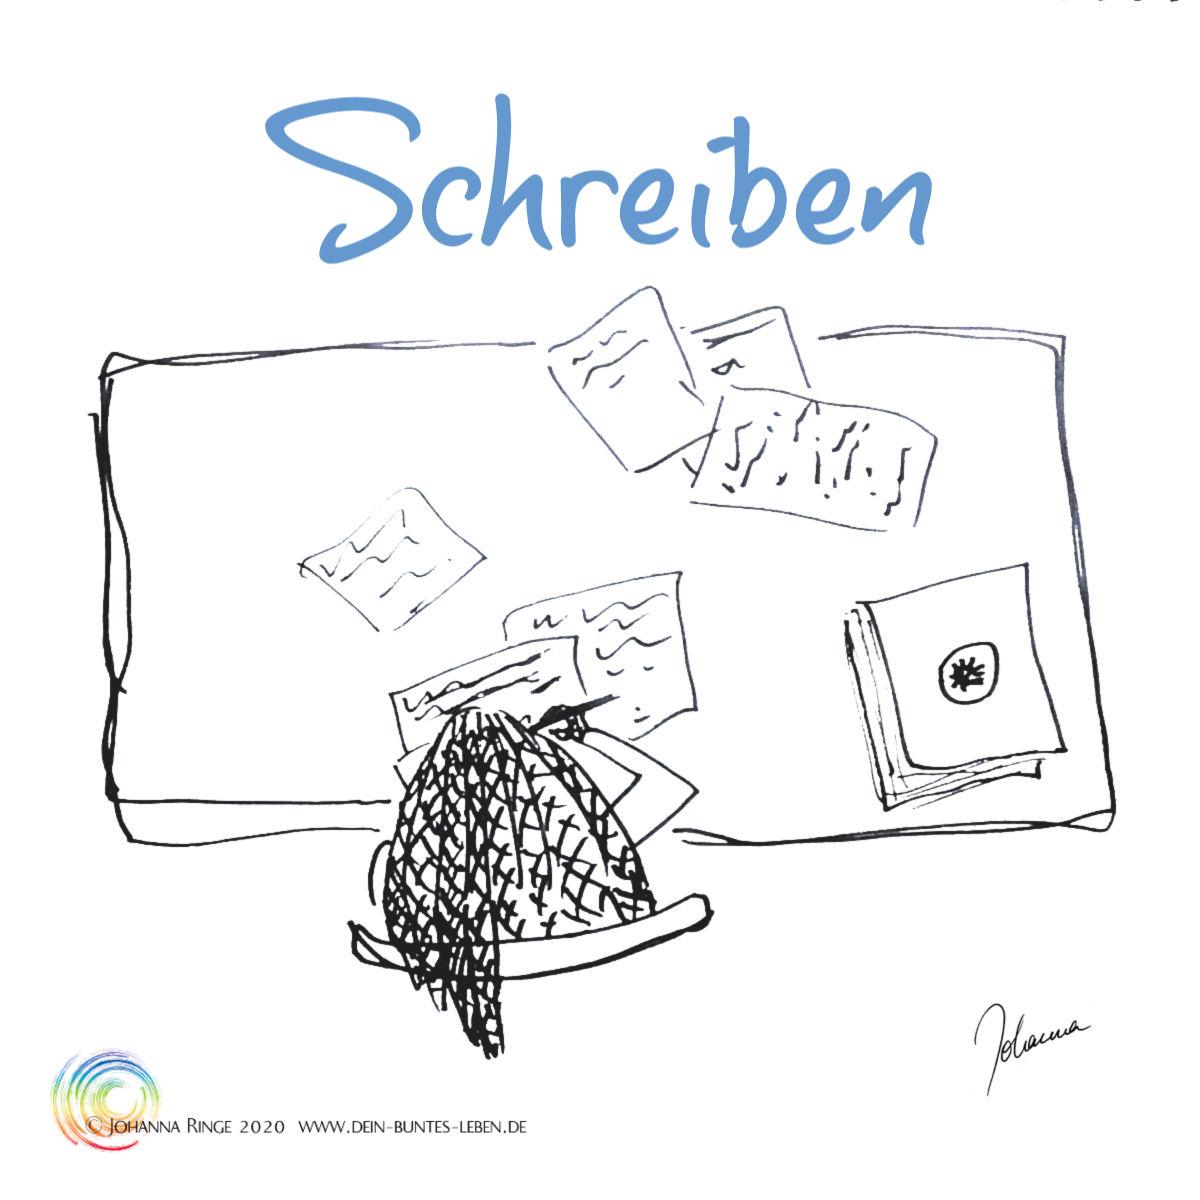 Schreiben: Person am Schreibtisch, der mit leeren und bereits vollgeschriebenen Papieren gefüllt ist. ©2020 Johanna Ringe www.dein-buntes-leben.de